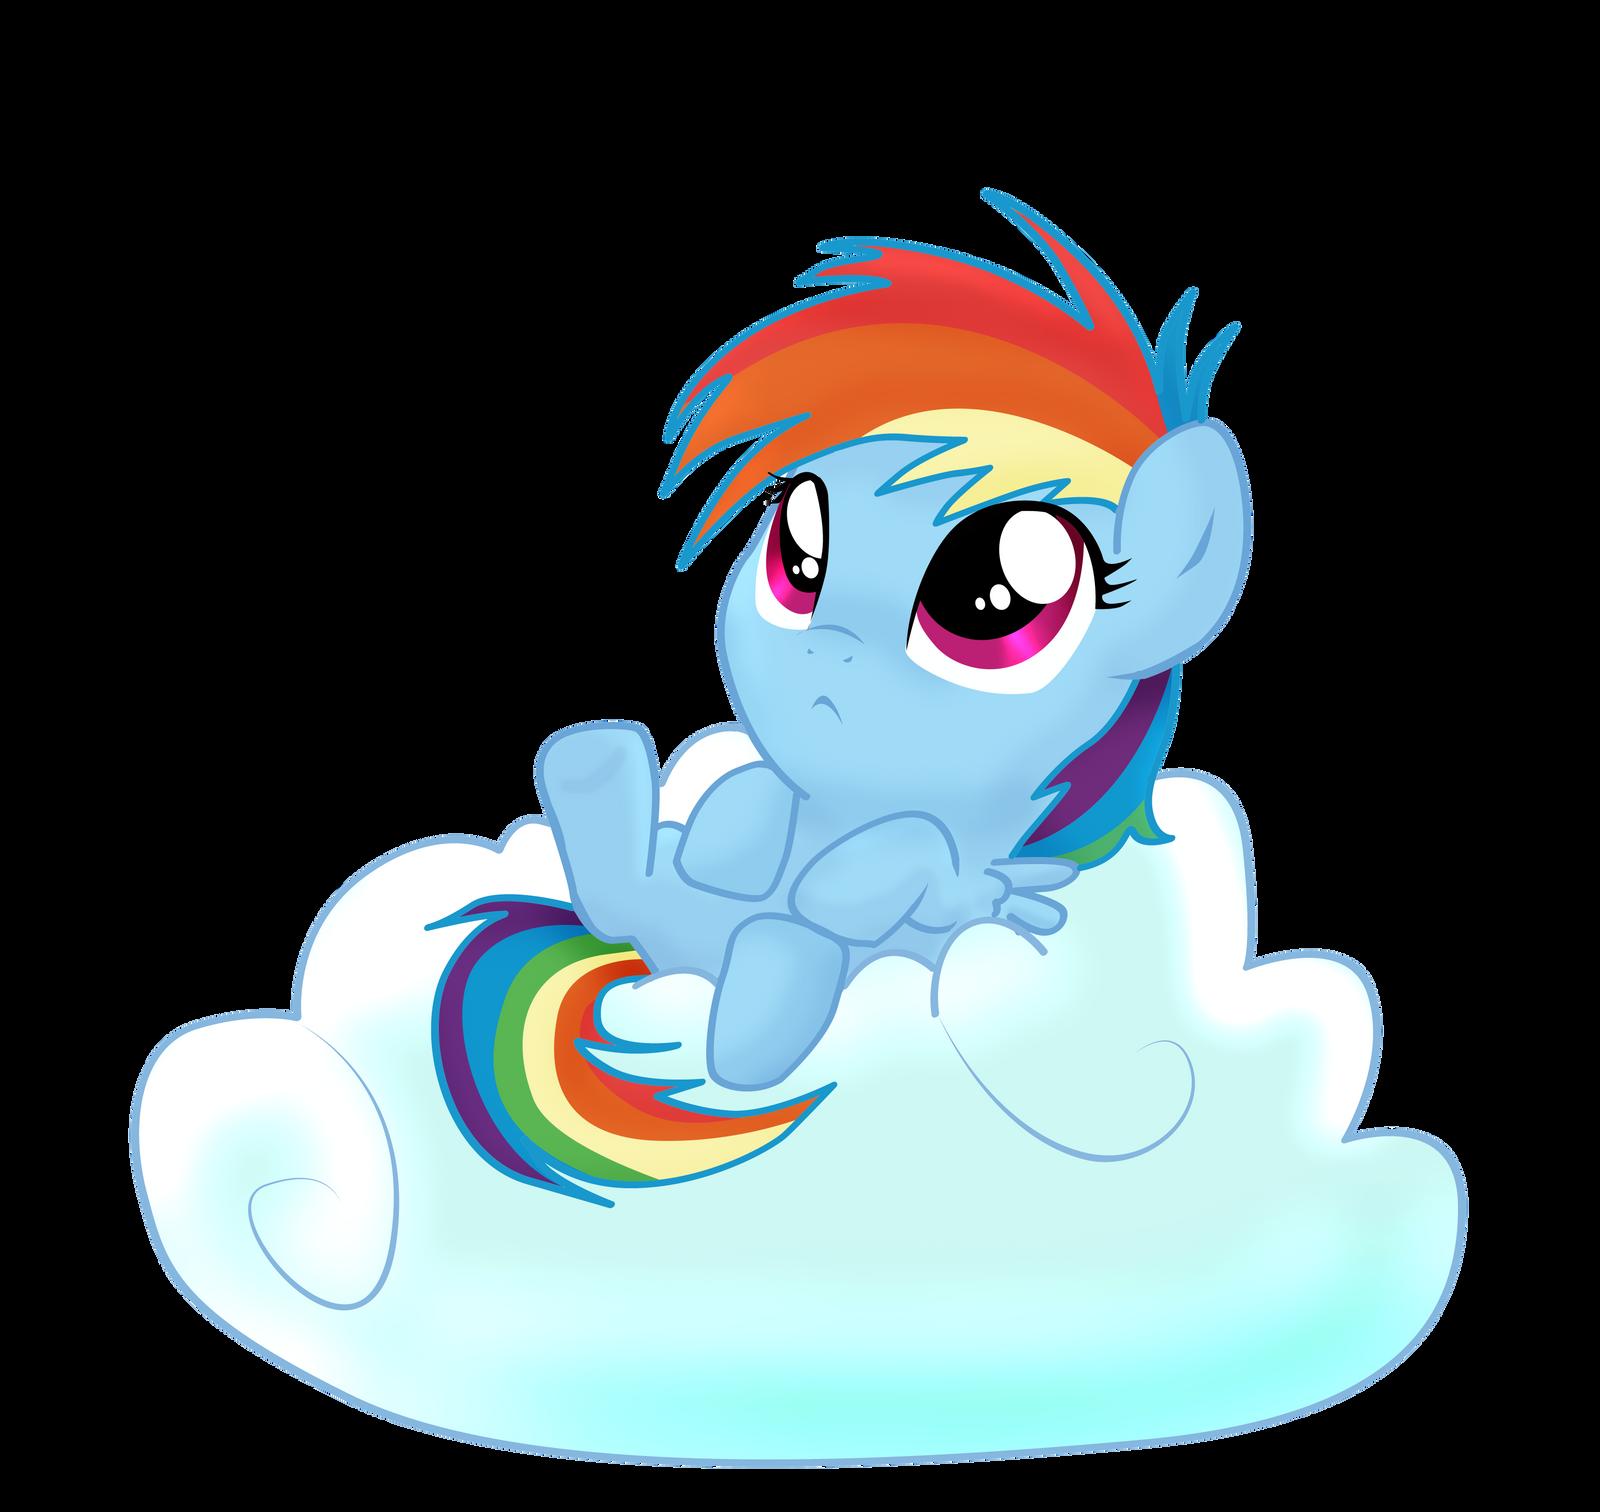 Filly Rainbow Dash by pridark on DeviantArt